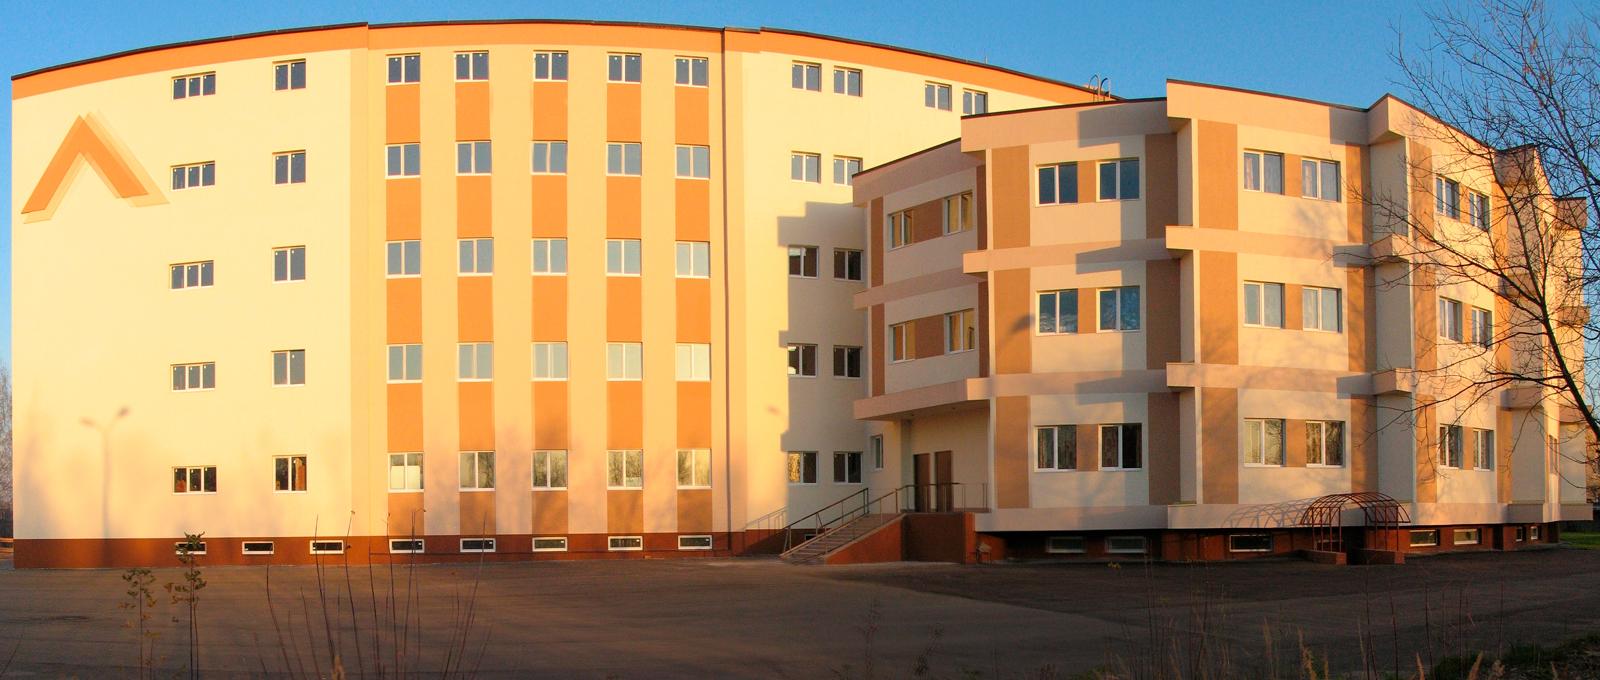 Гостиница в Старой Купавне рядом с Москвой